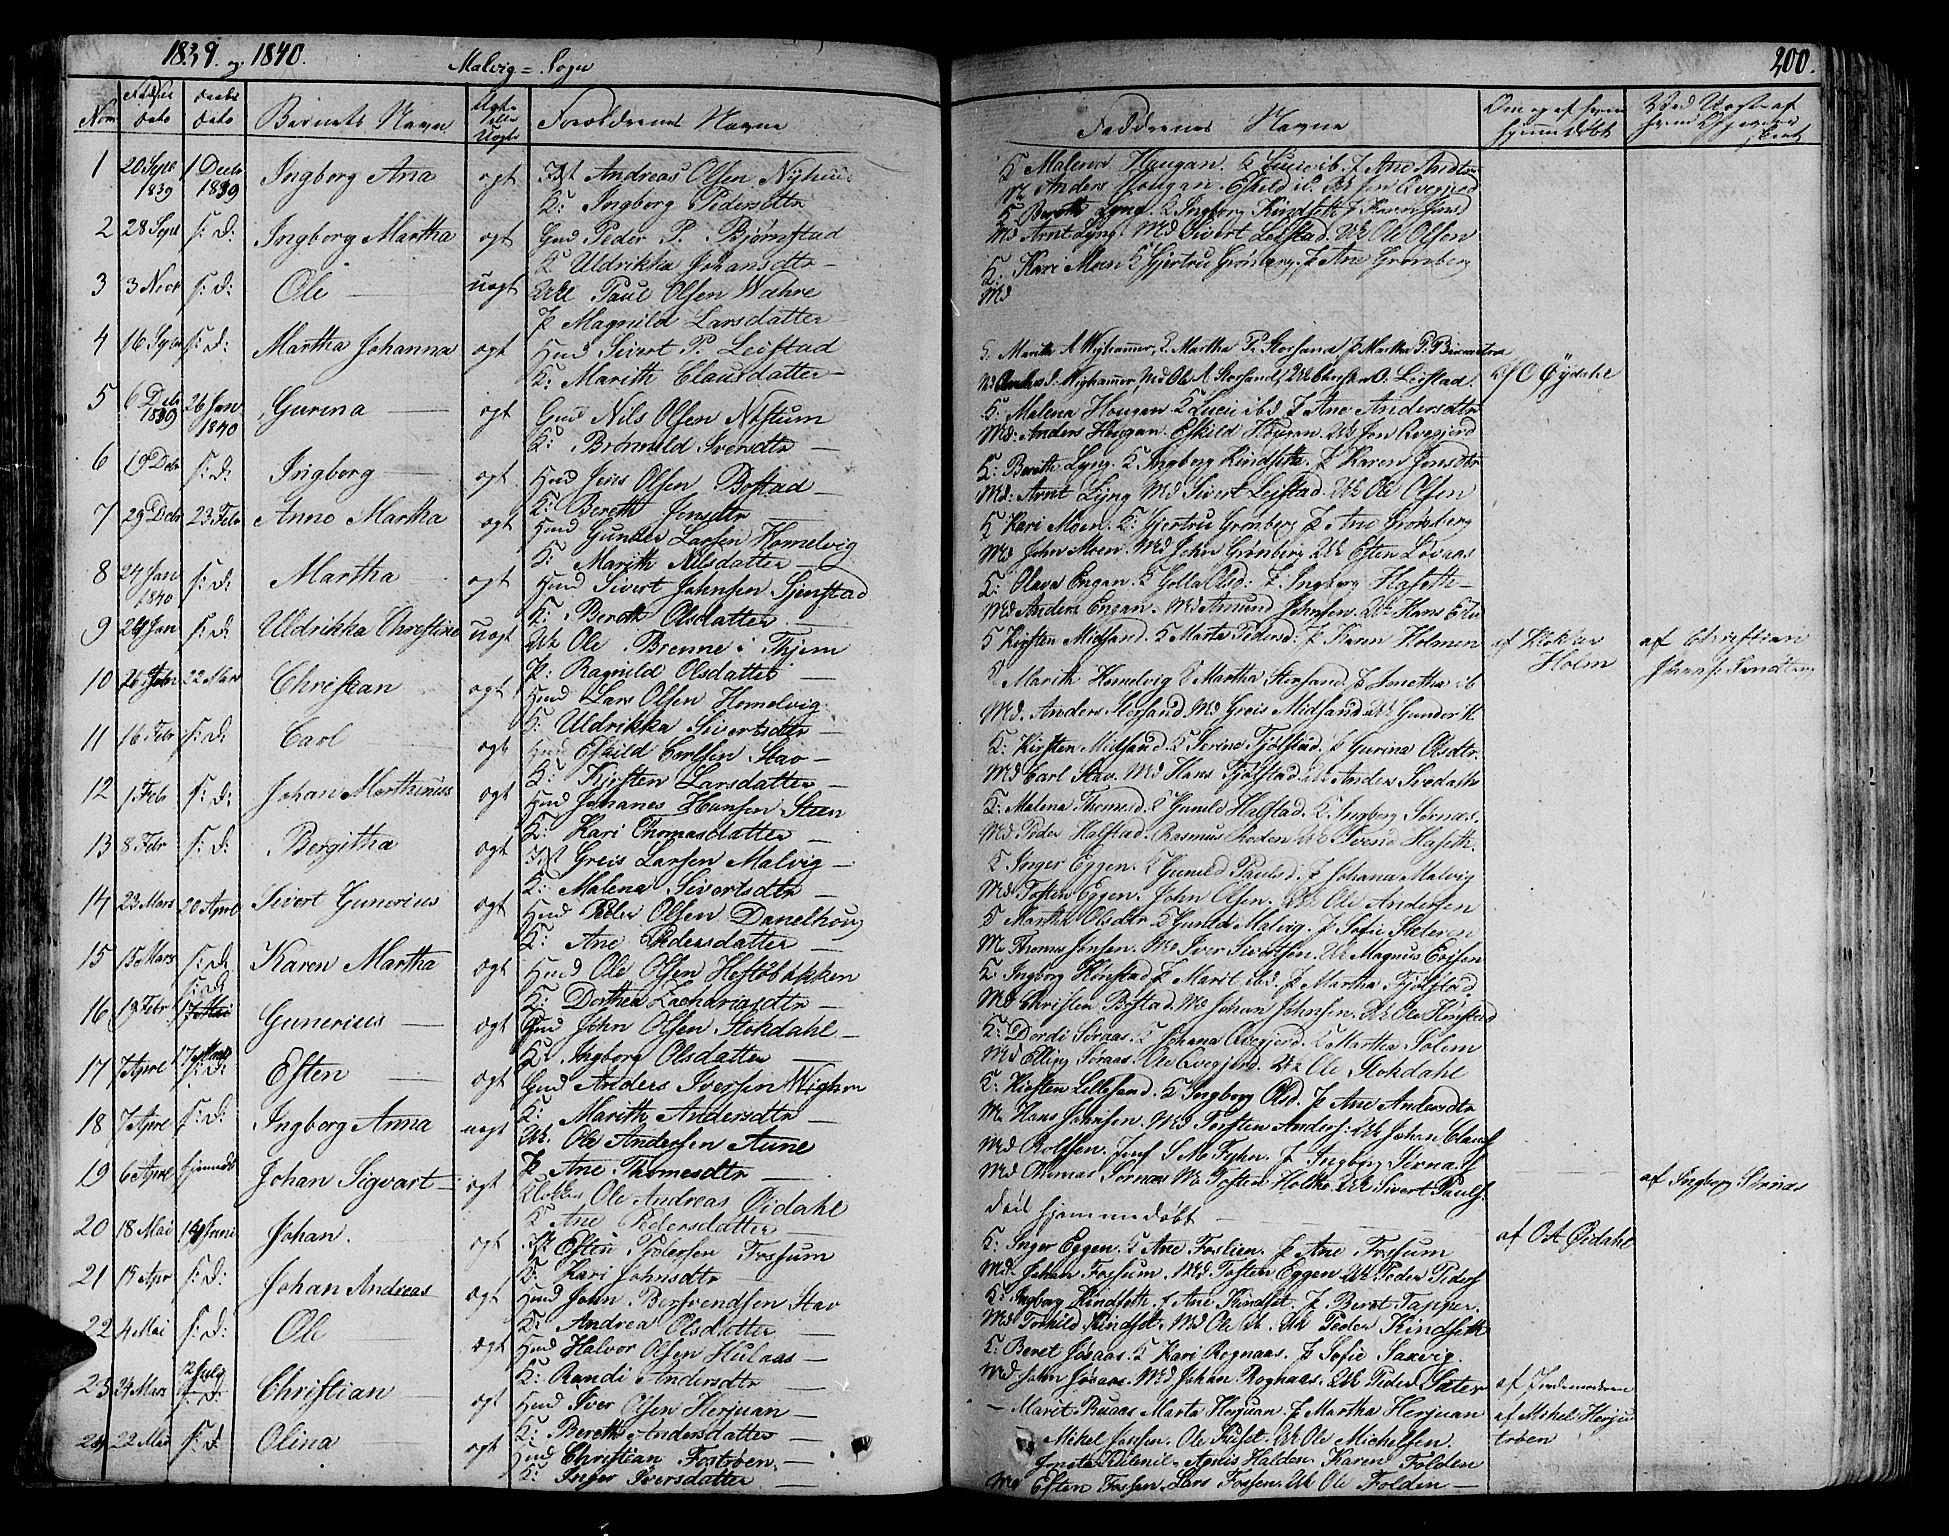 SAT, Ministerialprotokoller, klokkerbøker og fødselsregistre - Sør-Trøndelag, 606/L0288: Ministerialbok nr. 606A04 /3, 1826-1840, s. 200